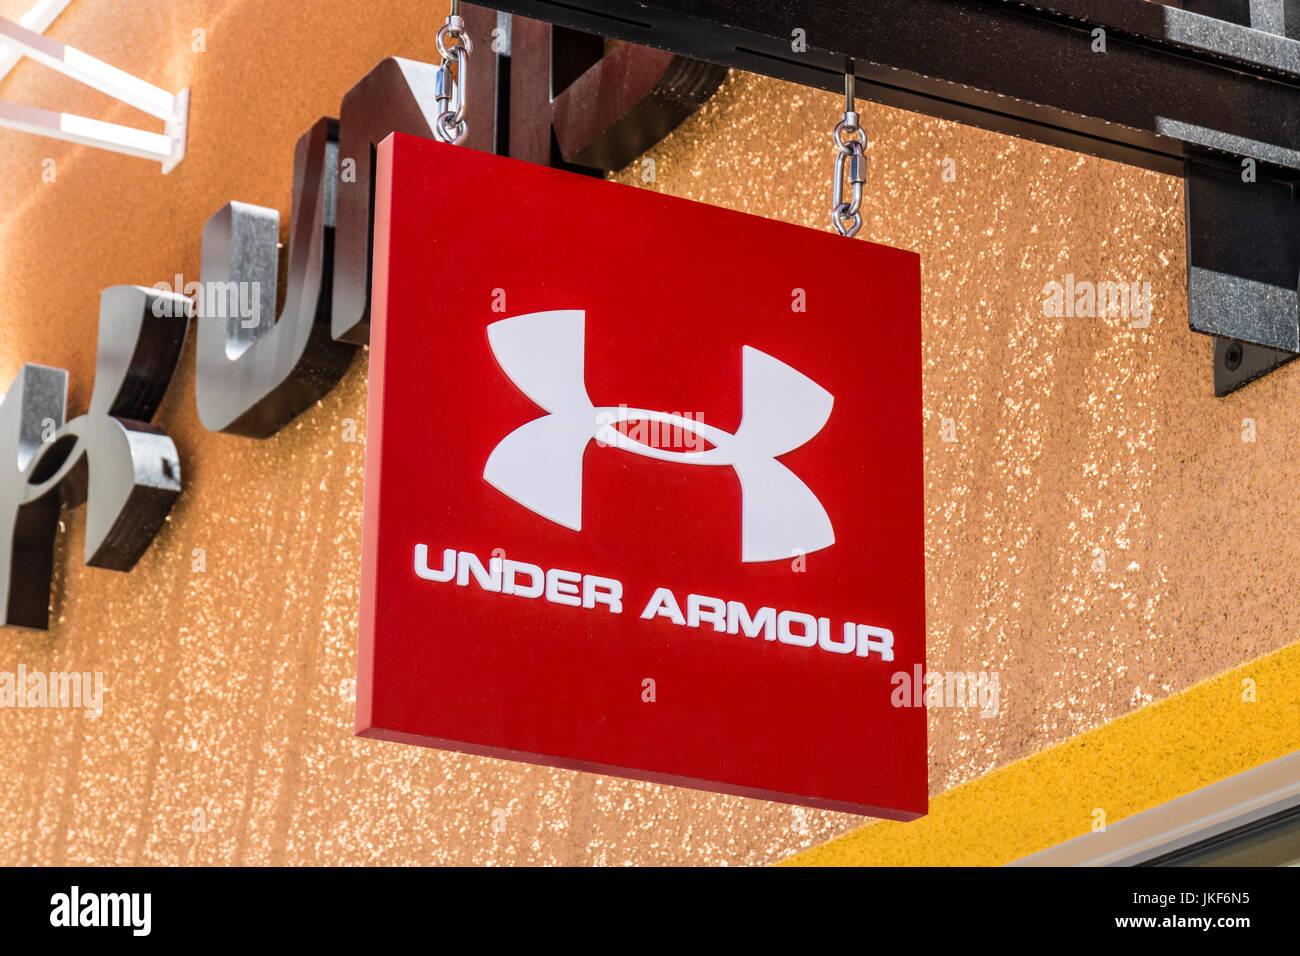 Las Vegas - Circa Julio 2017: Bajo la armadura tienda outlet. Bajo la armadura fabrica una popular línea de equipamiento deportivo, ropa I Foto de stock